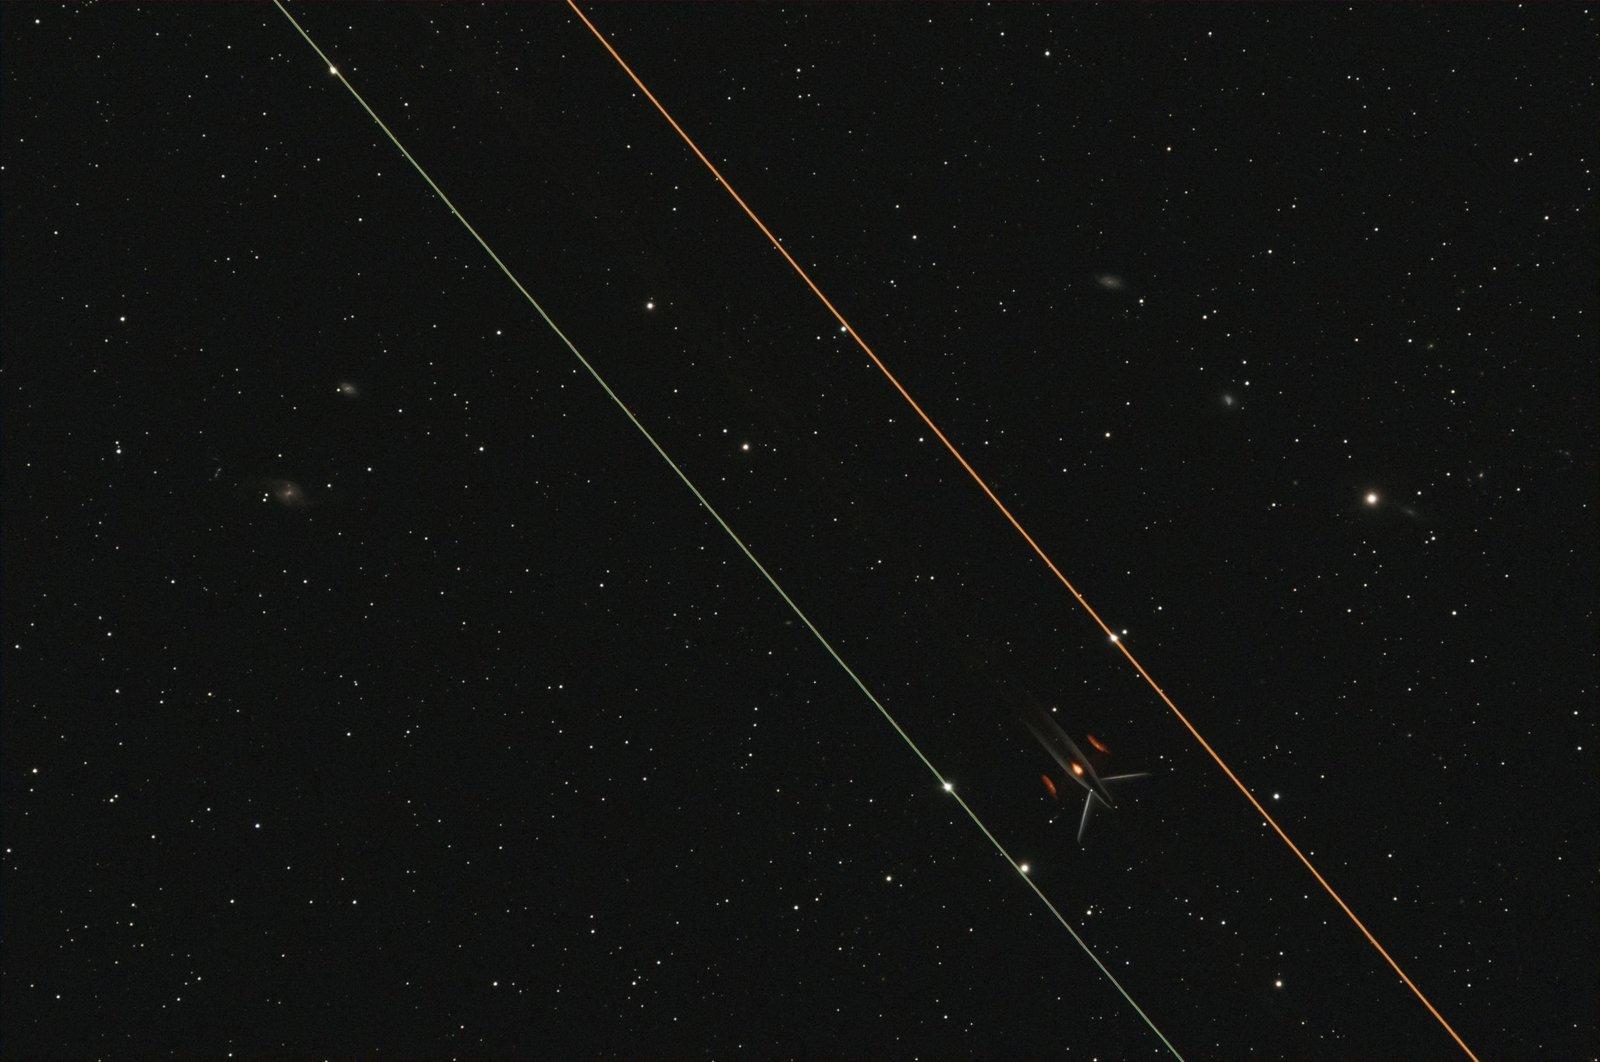 NGC3718_Uma_plane_2500px.jpg